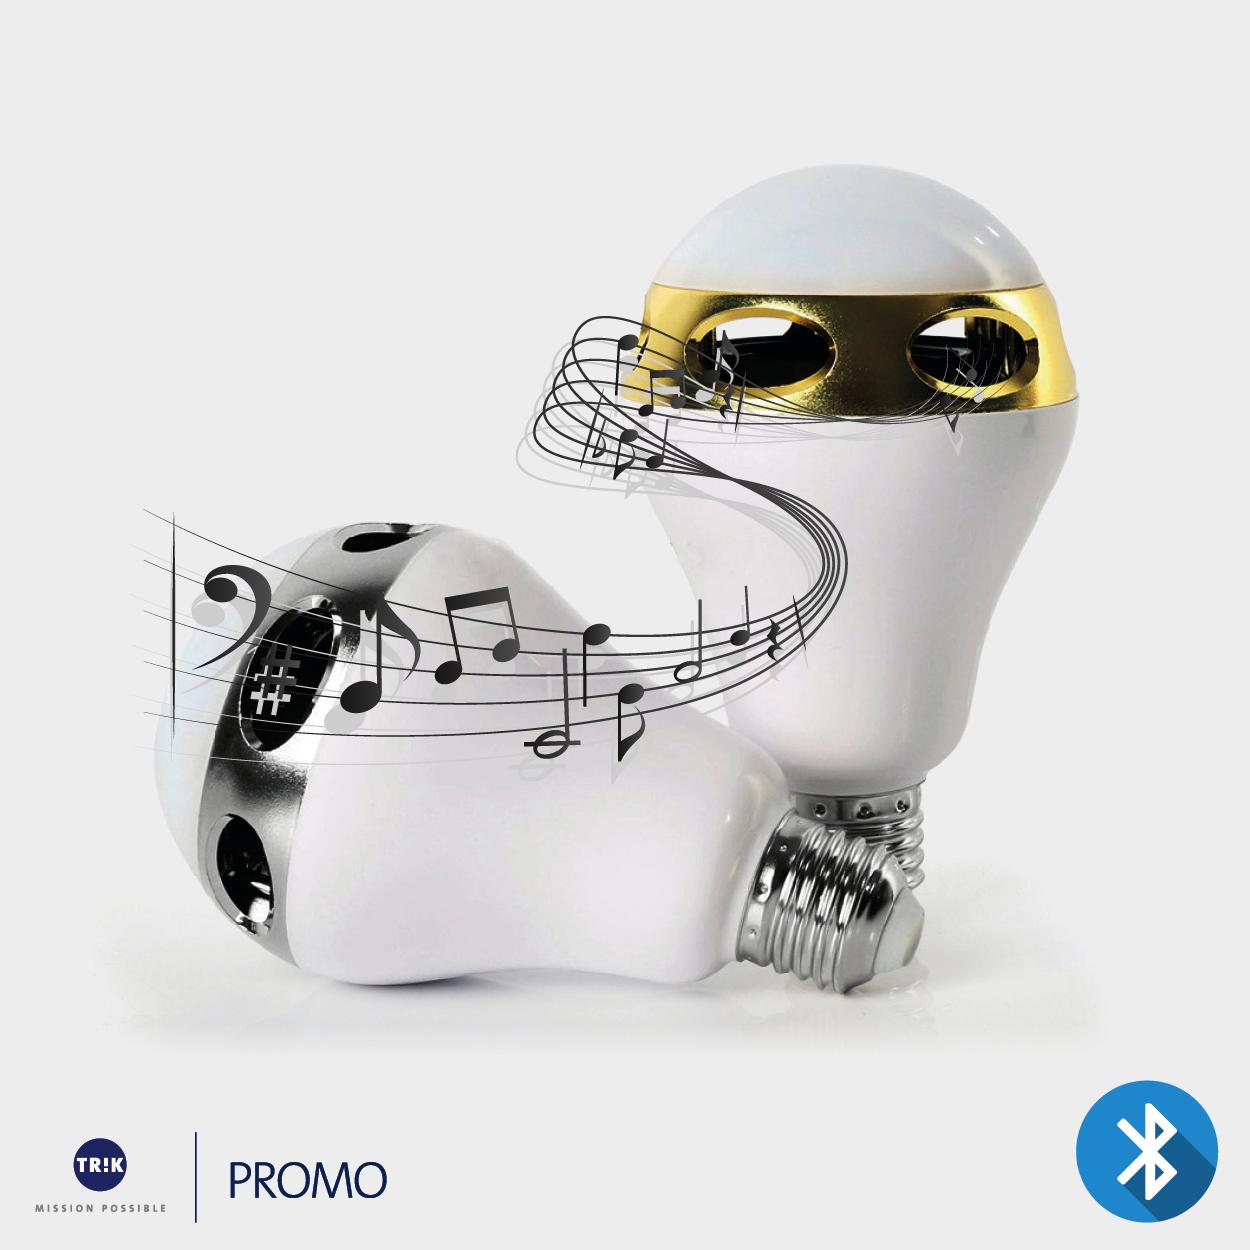 LED Lampe mit Bluetooth Lautsprecher – TRIK – Ihr Spezialist für Werbeartikel ...